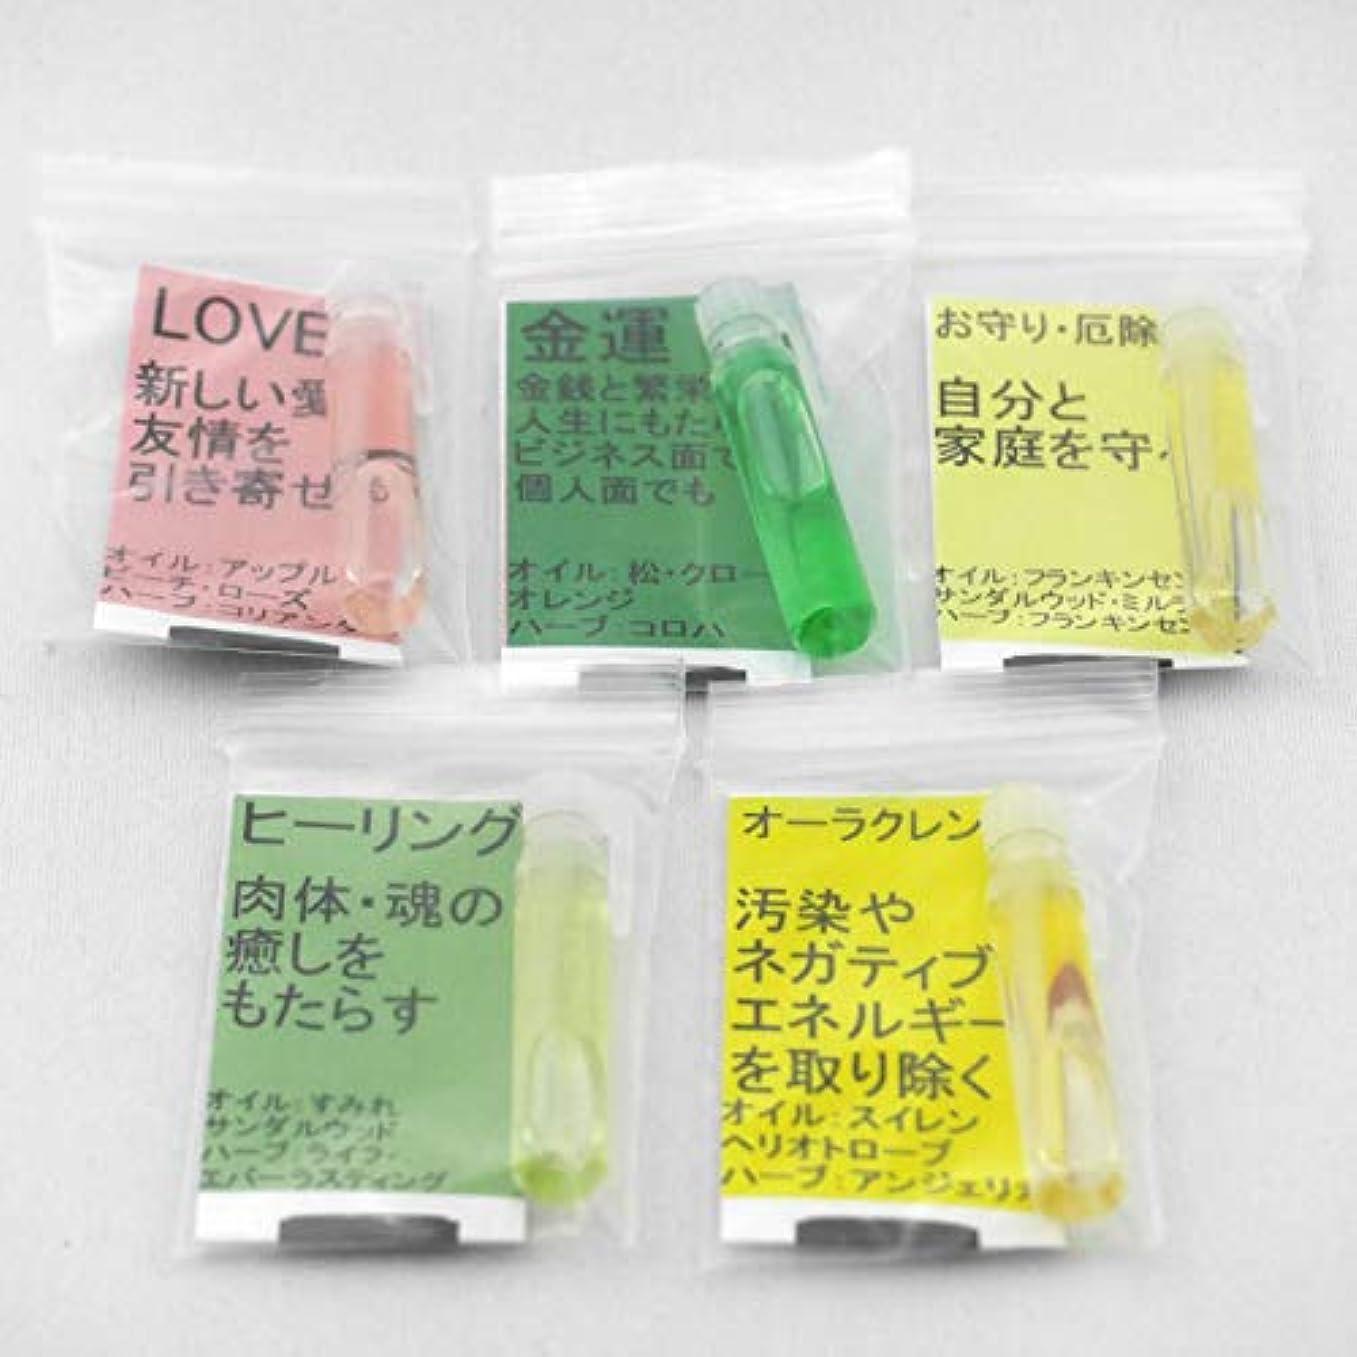 象許容生きているアンシェントメモリーオイル 基本の5本小分けセット(LOVE?MoneyDraw?Protection?Healing?Aura Cleanse)